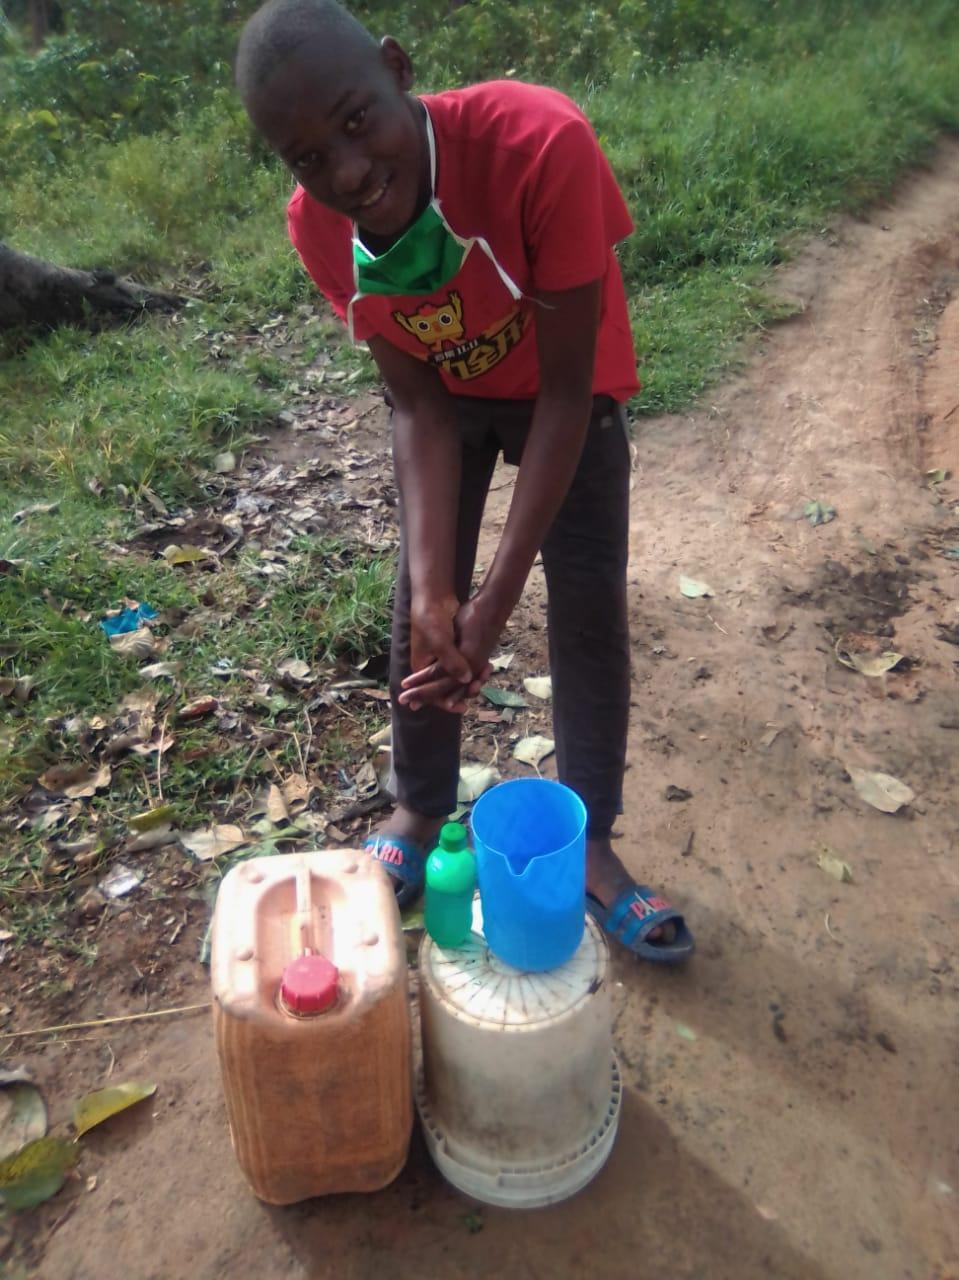 Seife für die Hygiene